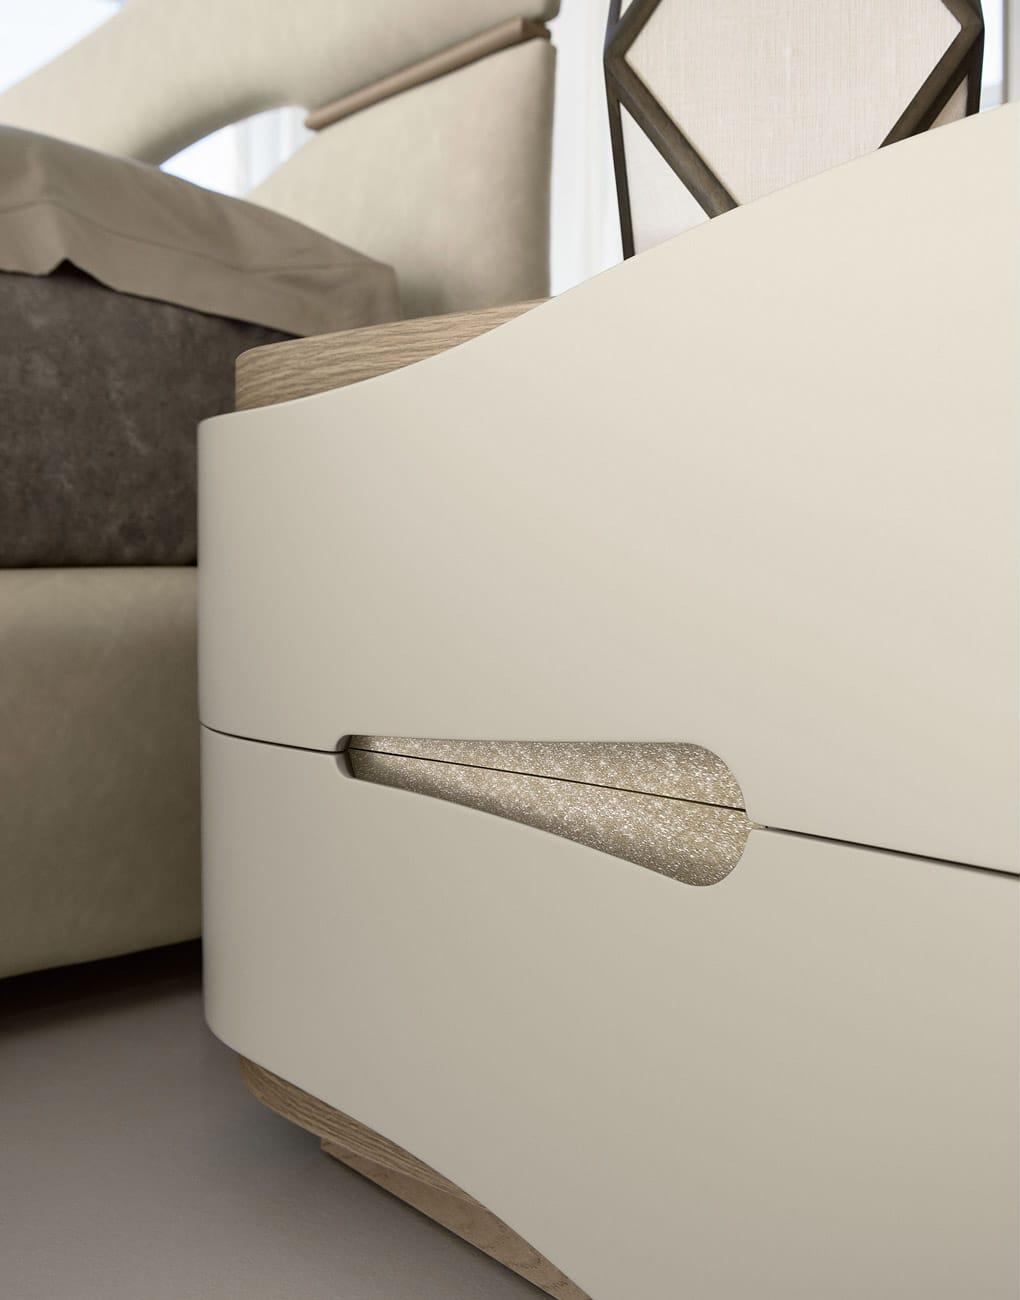 adriatica-fly-particolare-maniglie.jpg